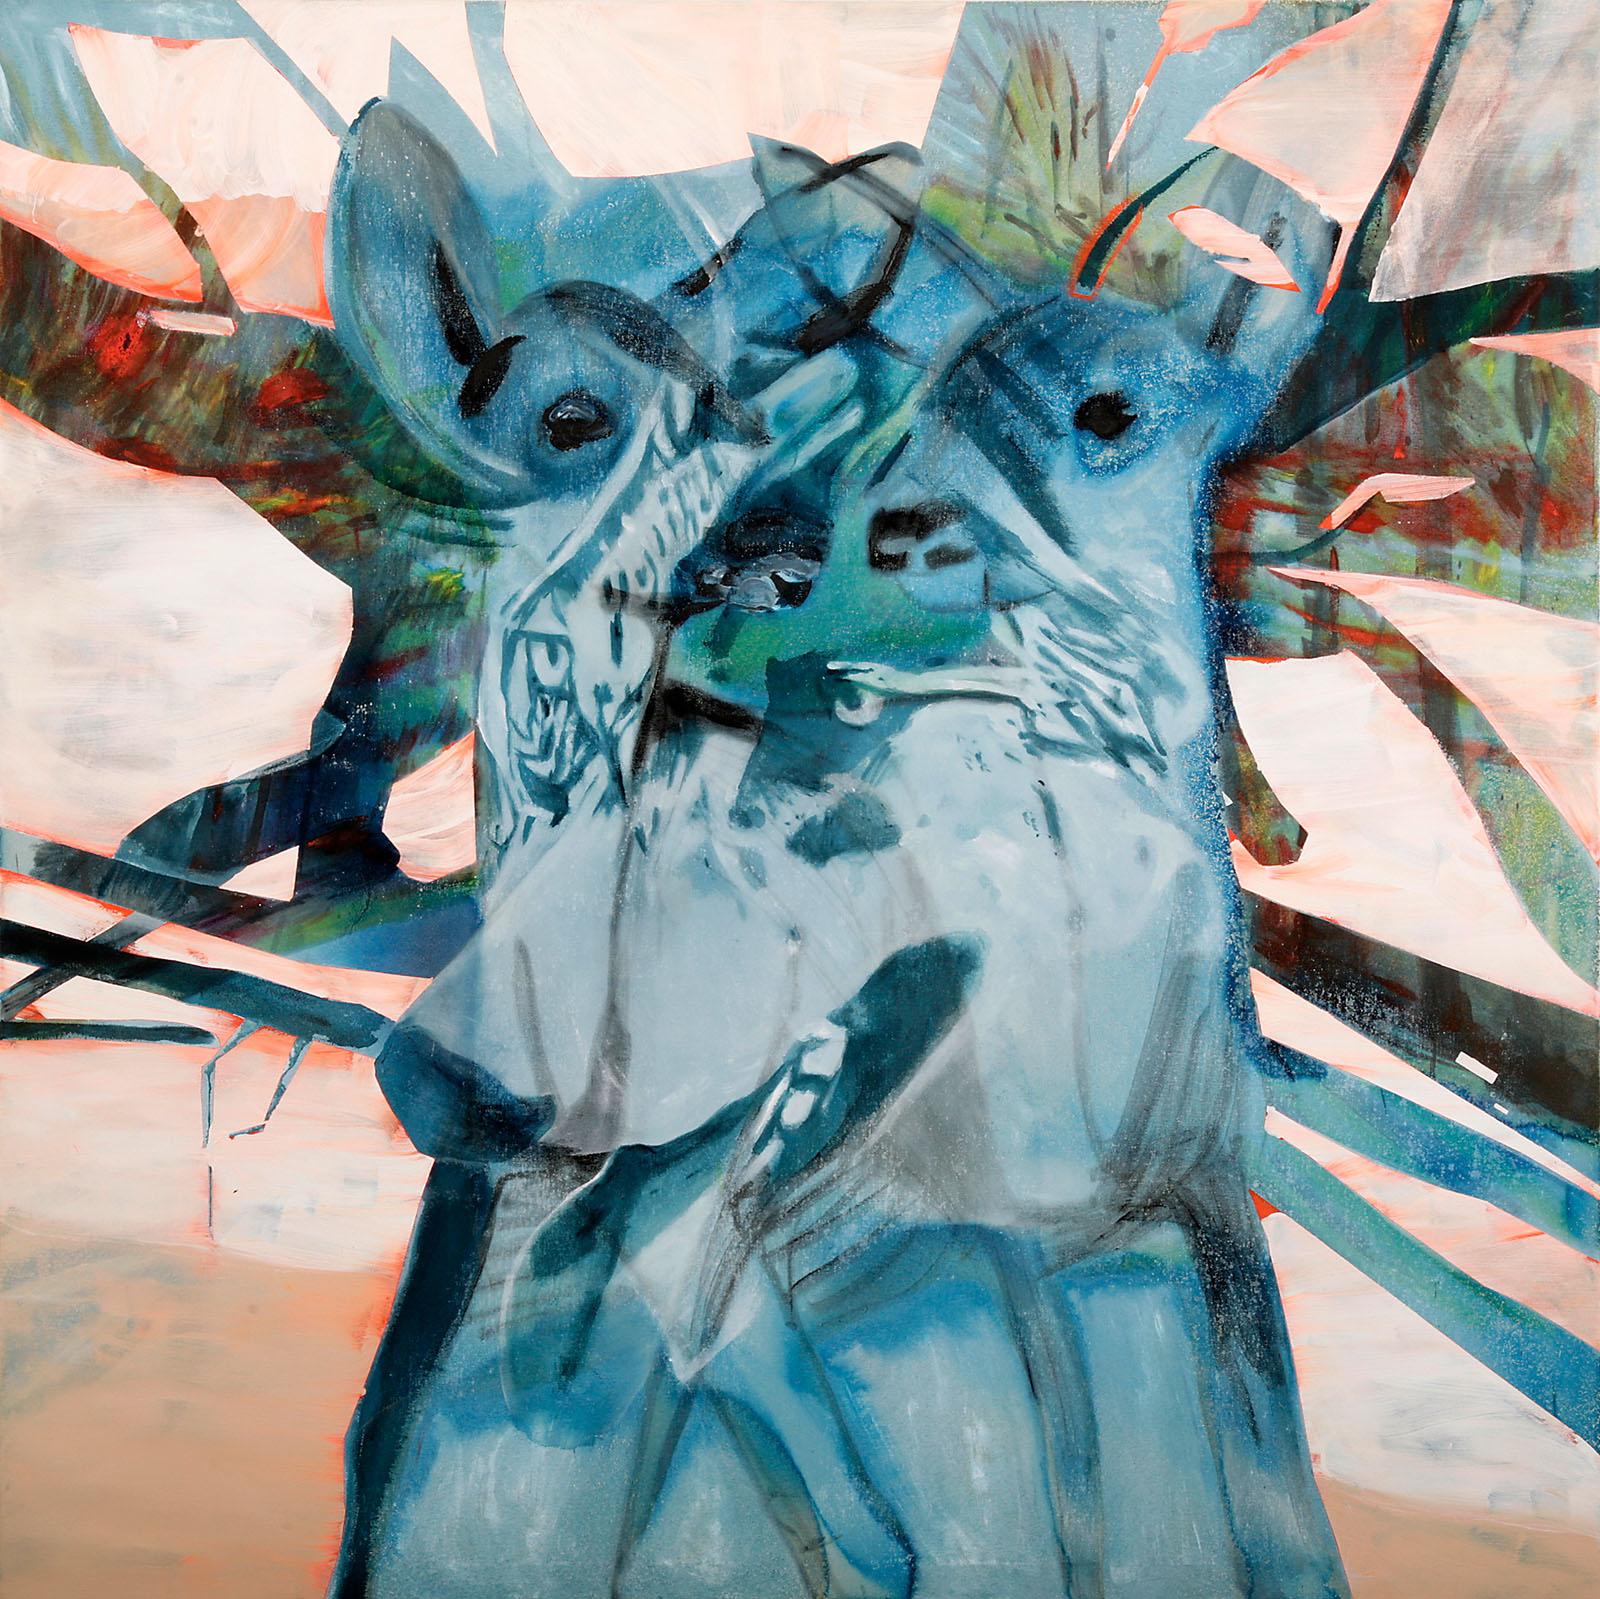 """o.T. aus """"Krähen Kommen"""", 2008, 180 x 180 cm, Mischtechnik auf Leinwand"""